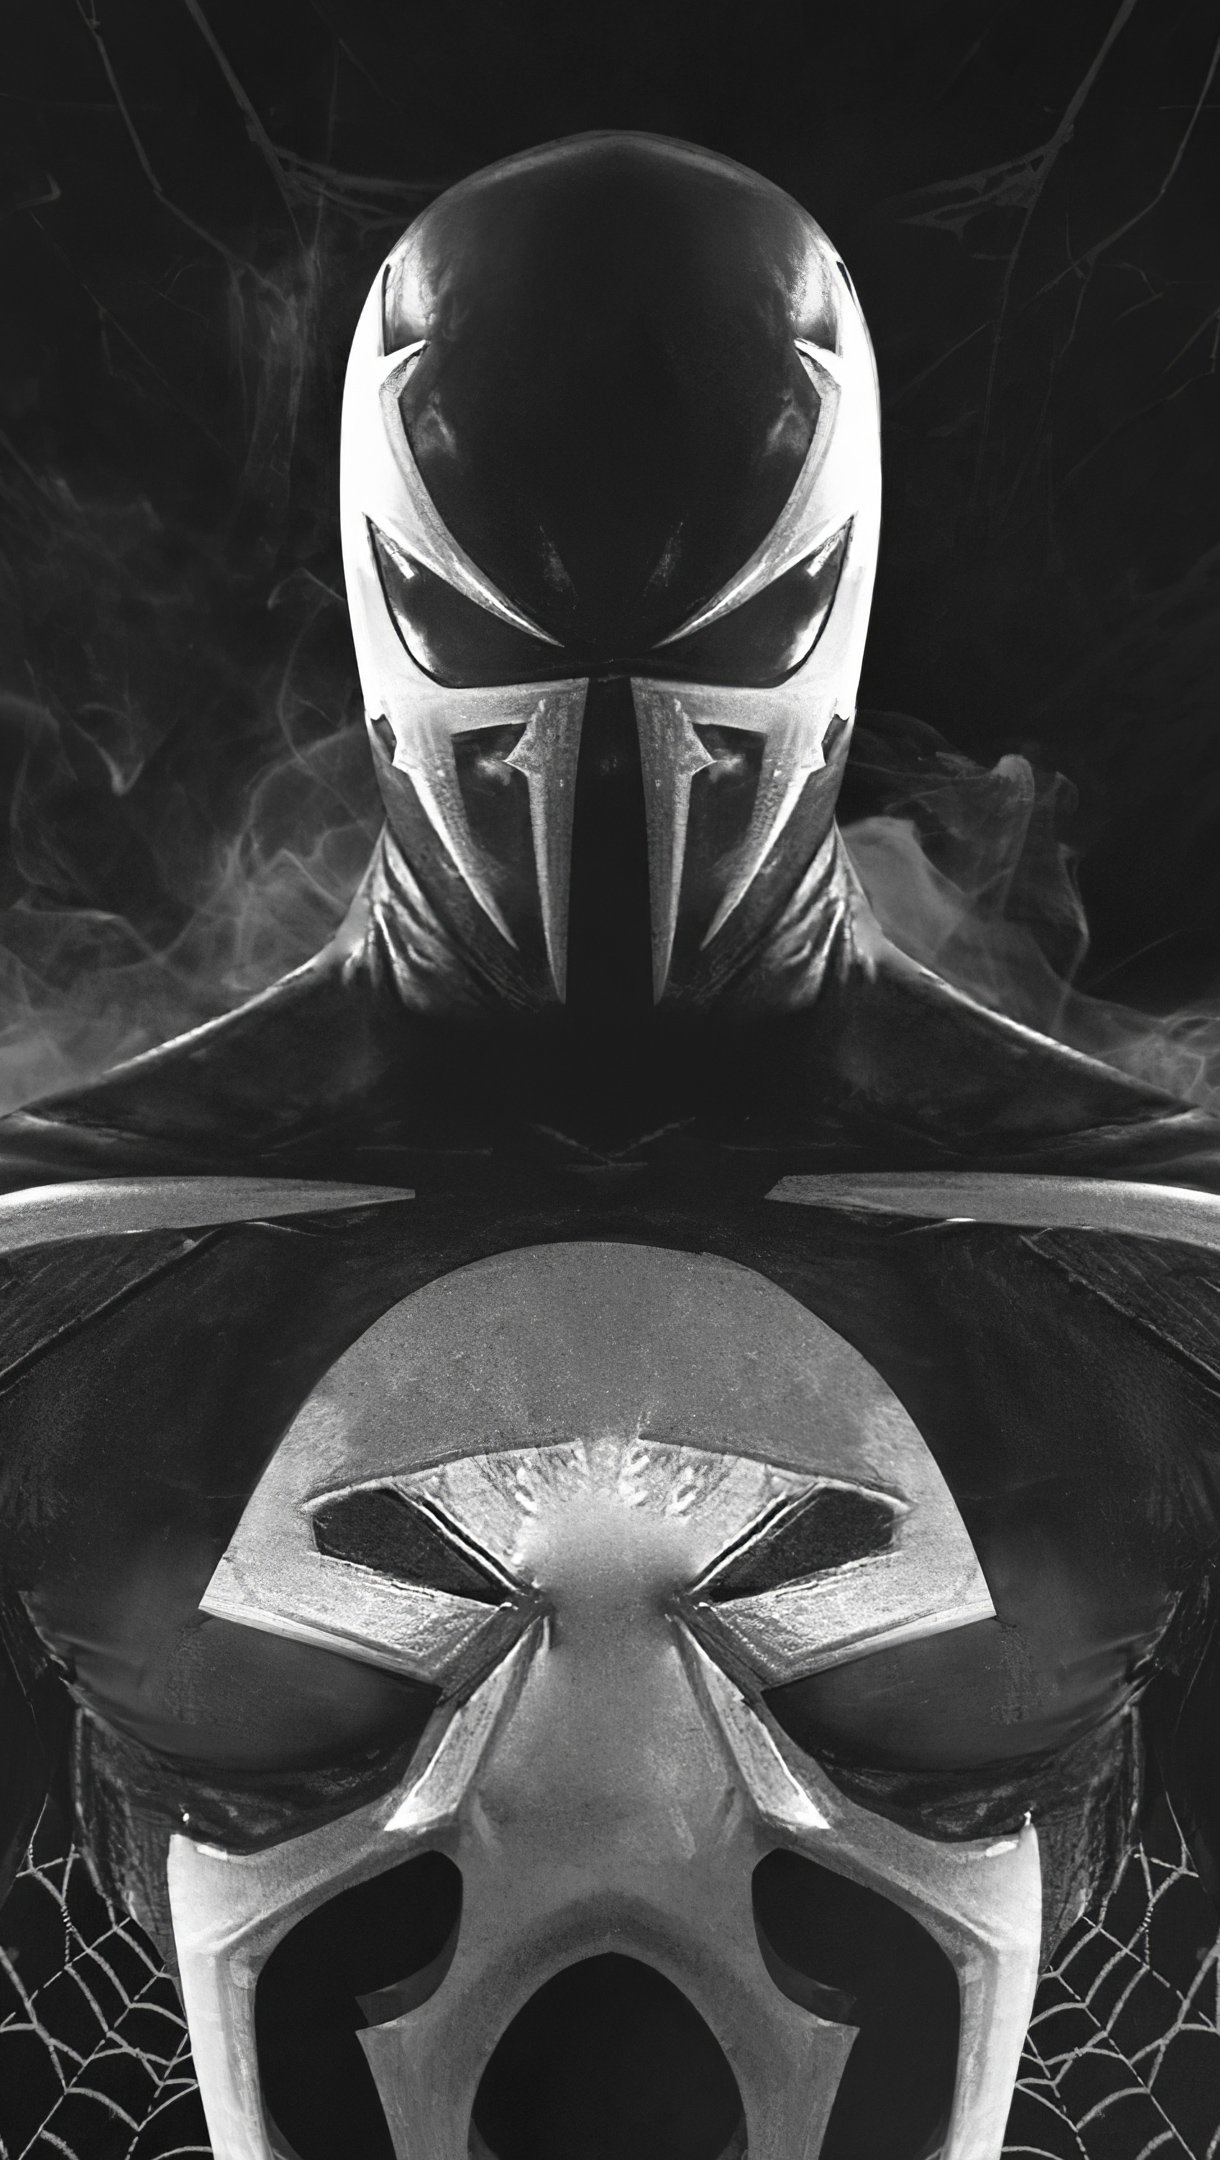 Fondos de pantalla Venom combinado con Punisher Vertical